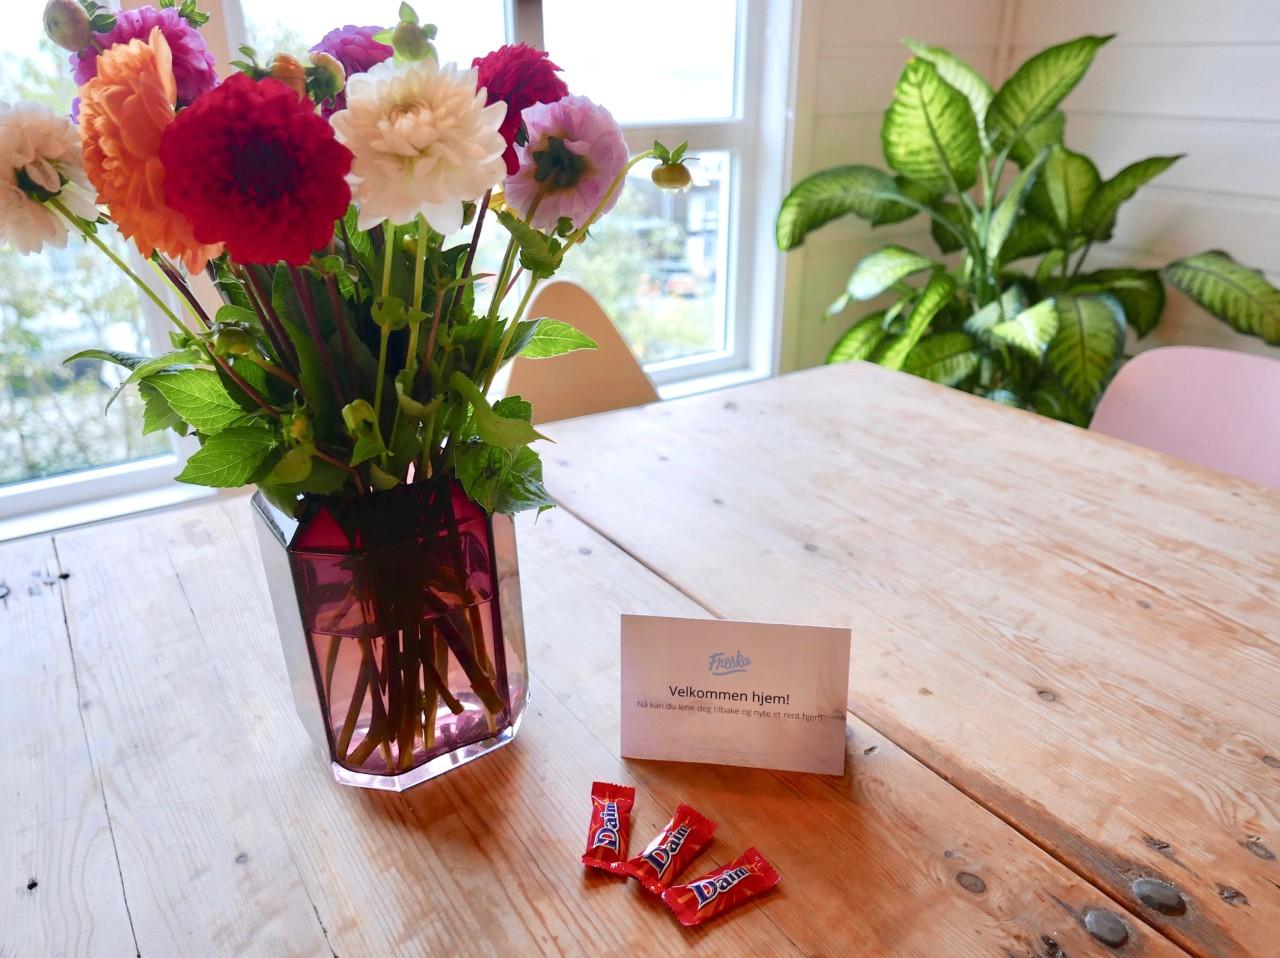 freska-blomster-velkommen-hjem-sjokolade